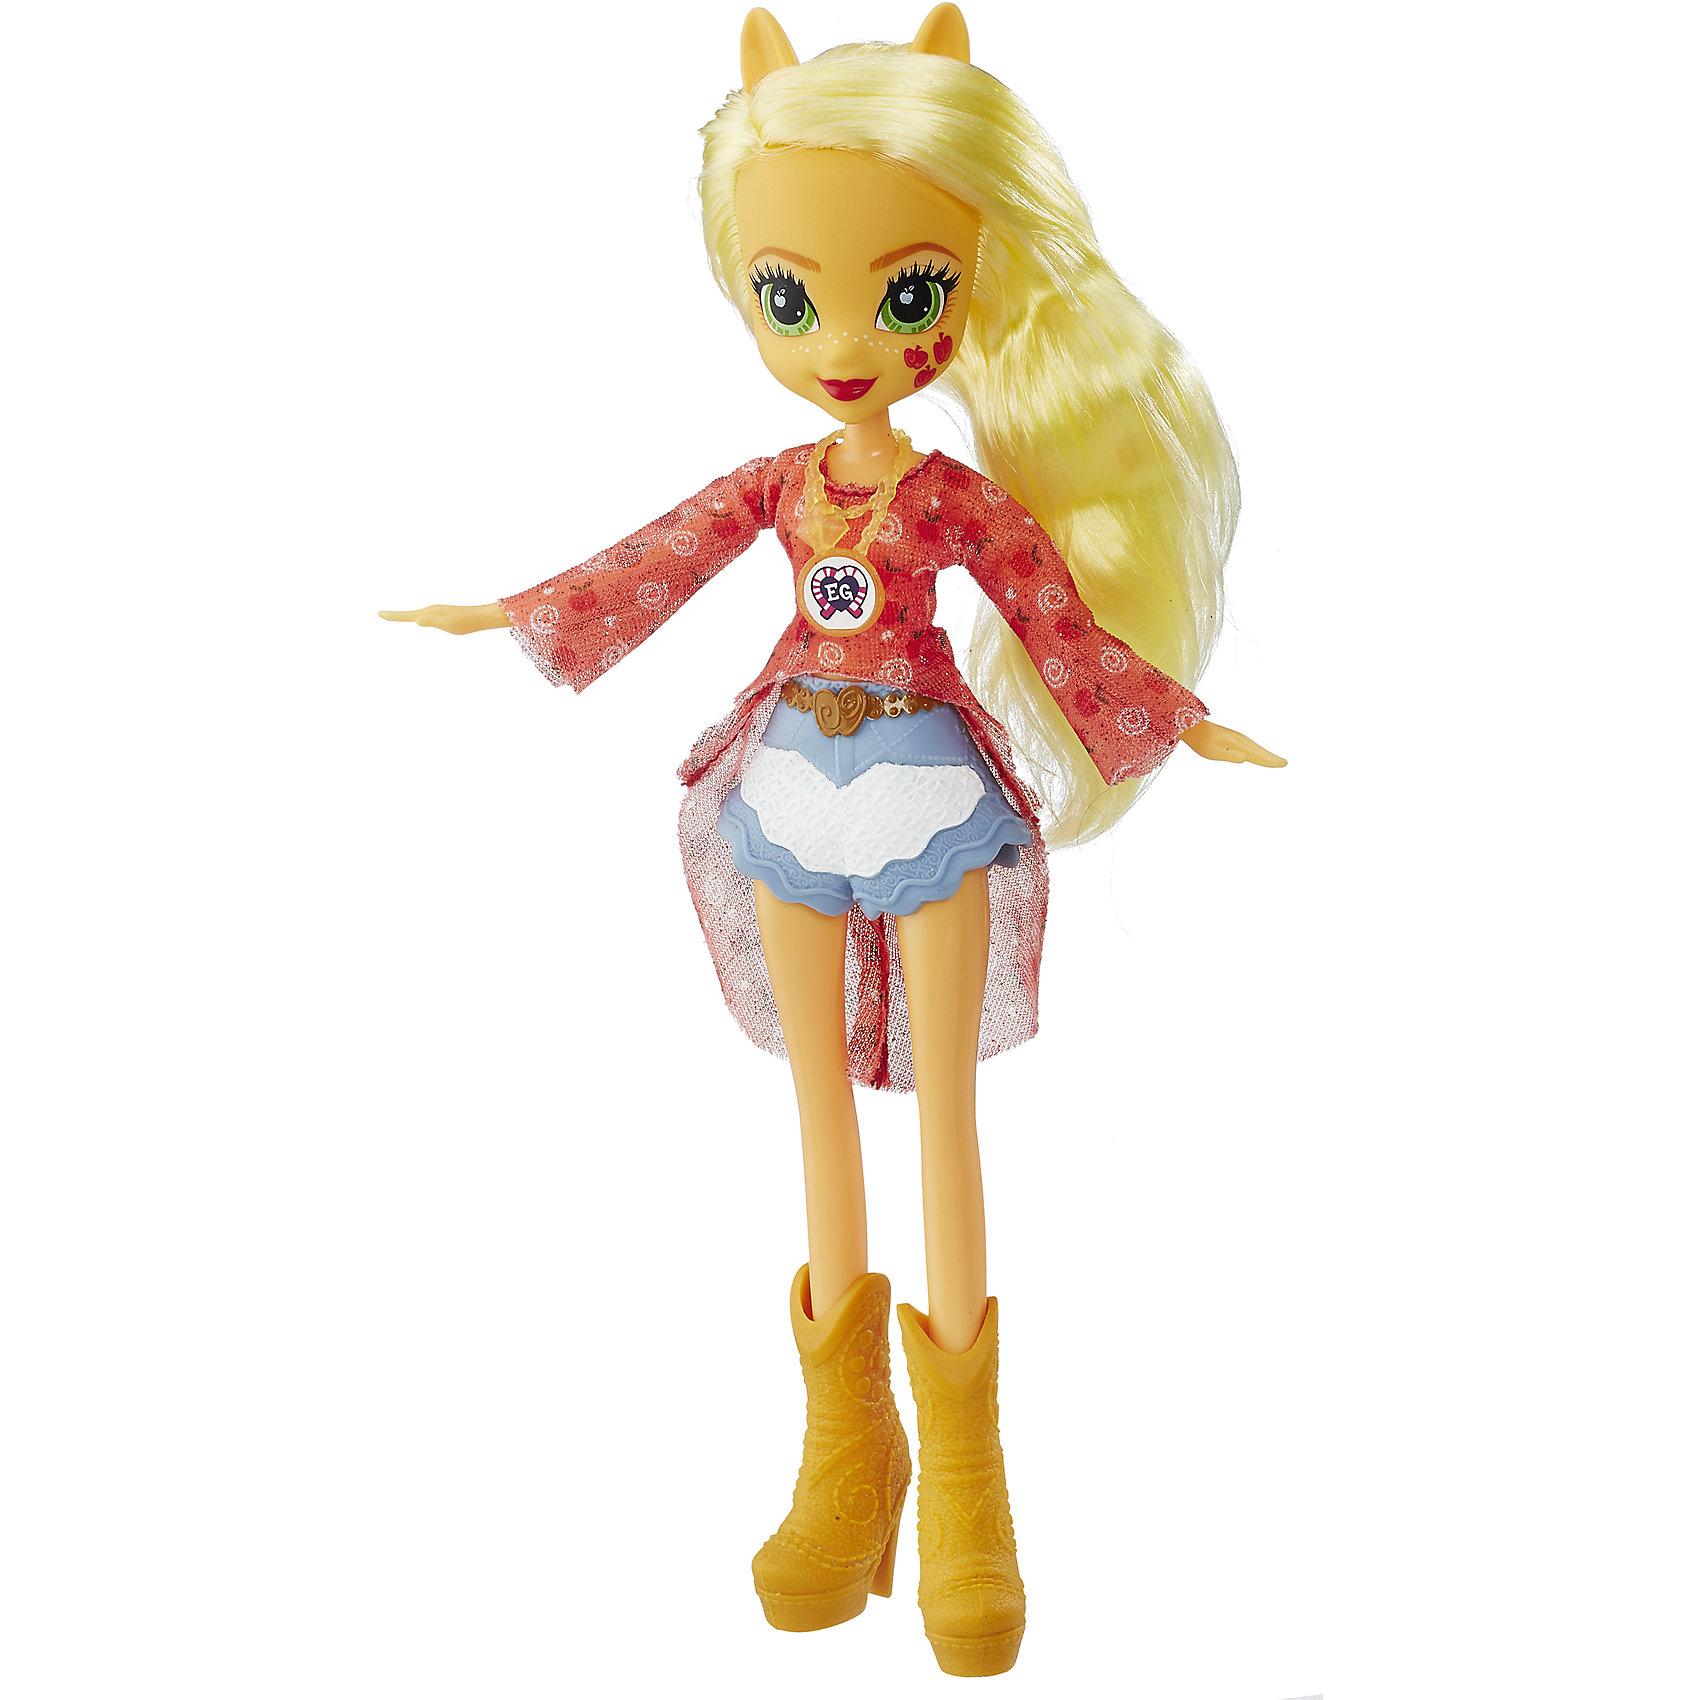 Кукла Эквестрия Герлз Легенды вечнозеленого леса - ЭпплджекКуклы-модели<br>Характеристики:<br><br>• возраст: от 5 лет;<br>• материал: пластик;<br>• в комплекте: кукла, наряд, ожерелье;<br>• высота куклы: 22 см;<br>• размер упаковки: 33,5х14х5 см;<br>• вес упаковки: 200 гр.;<br>• страна производитель: Китай.<br><br>Кукла «Легенда Вечнозеленого леса» Hasbro — героиня известного мультсериала «Мой маленький пони. Девочки из Эквестрии» Эпплджек. Она одета в короткие голубые шортики, красную тунику и высокие сапожки. У куклы выразительные зеленые глаза и длинные мягкие желтые волосы. Дополняет образ Эпплджек необычное ожерелье. На ожерелье имеется код, который поможет разблокировать увлекательную игру в приложении Equestria Girls.<br><br>Куклу «Легенда Вечнозеленого леса» Hasbro можно приобрести в нашем интернет-магазине.<br><br>Ширина мм: 50<br>Глубина мм: 140<br>Высота мм: 335<br>Вес г: 200<br>Возраст от месяцев: 60<br>Возраст до месяцев: 2147483647<br>Пол: Женский<br>Возраст: Детский<br>SKU: 6753133